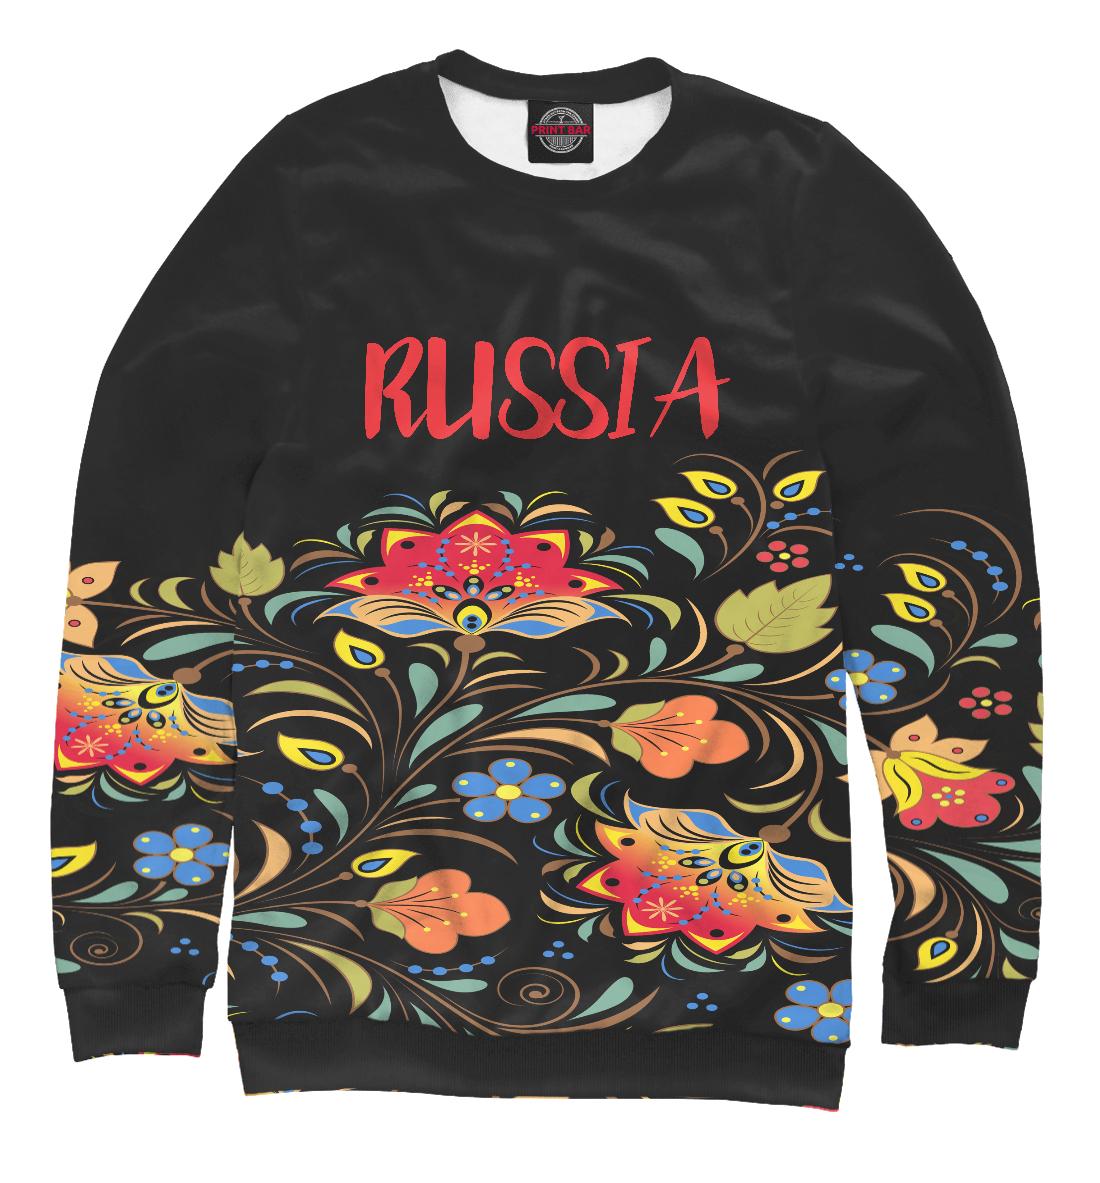 Купить Россия Хохлома, Printbar, Свитшоты, SRF-942867-swi-1